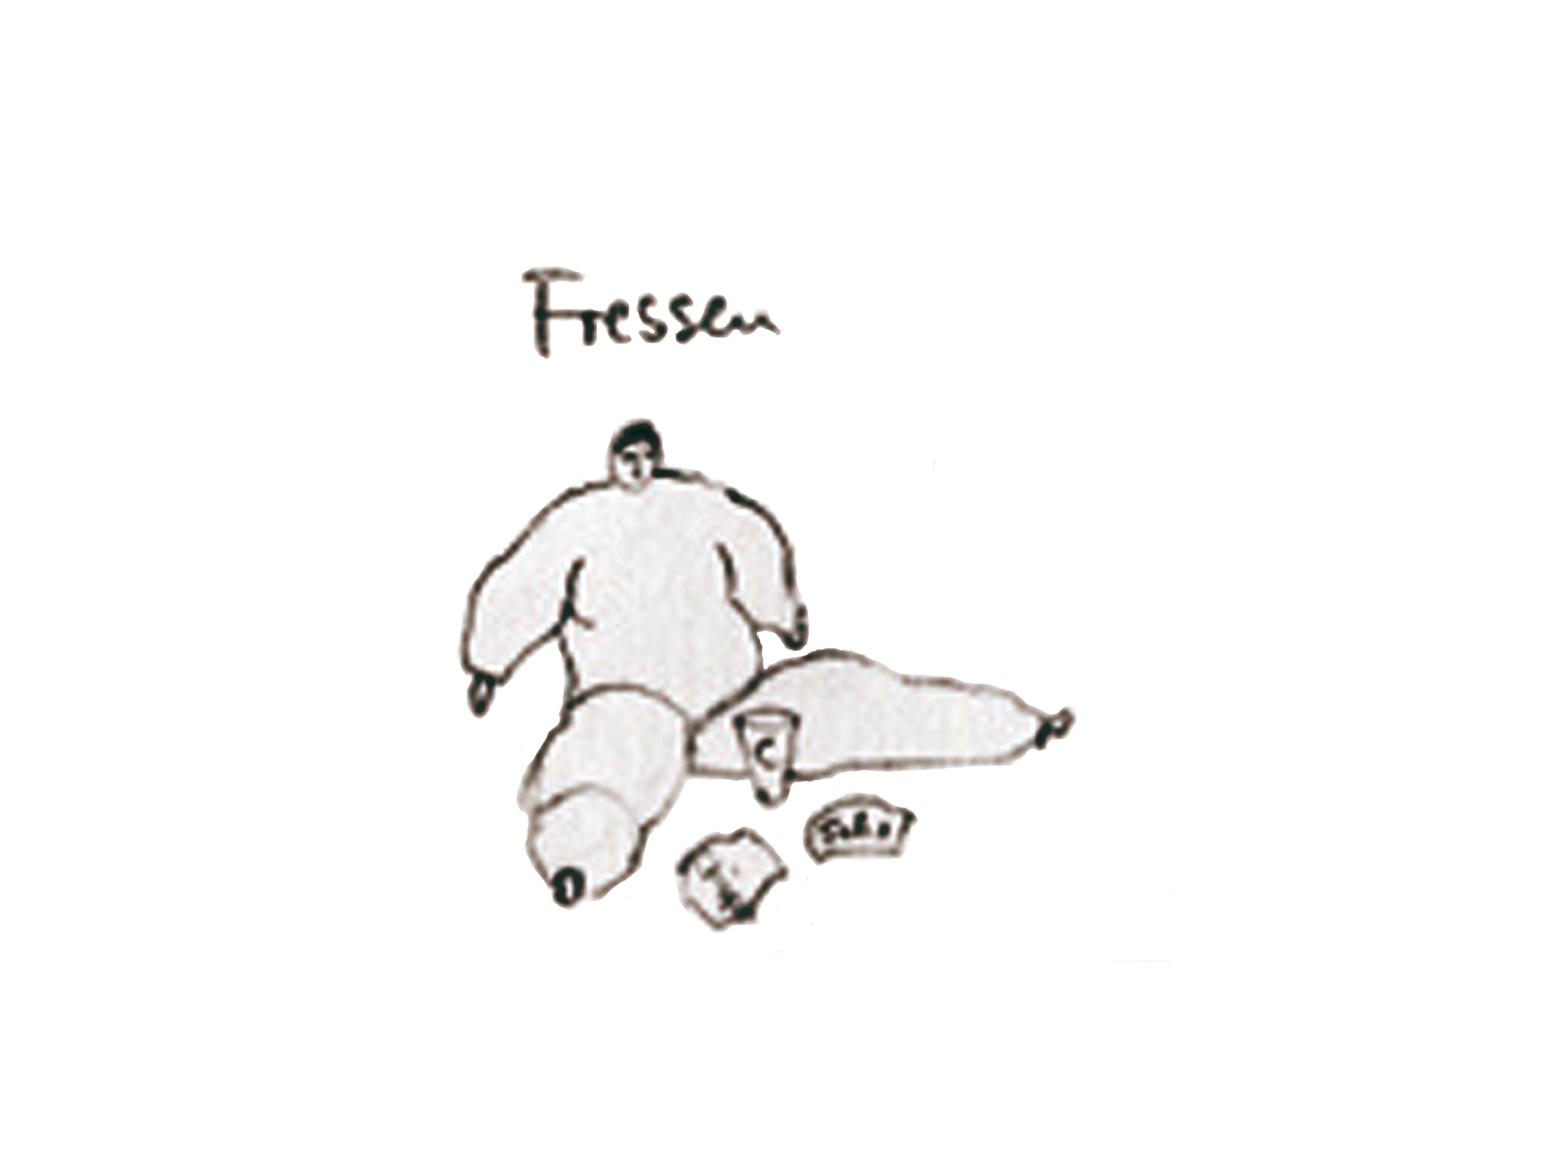 zeichnung6a.fressen-rgb.jpg